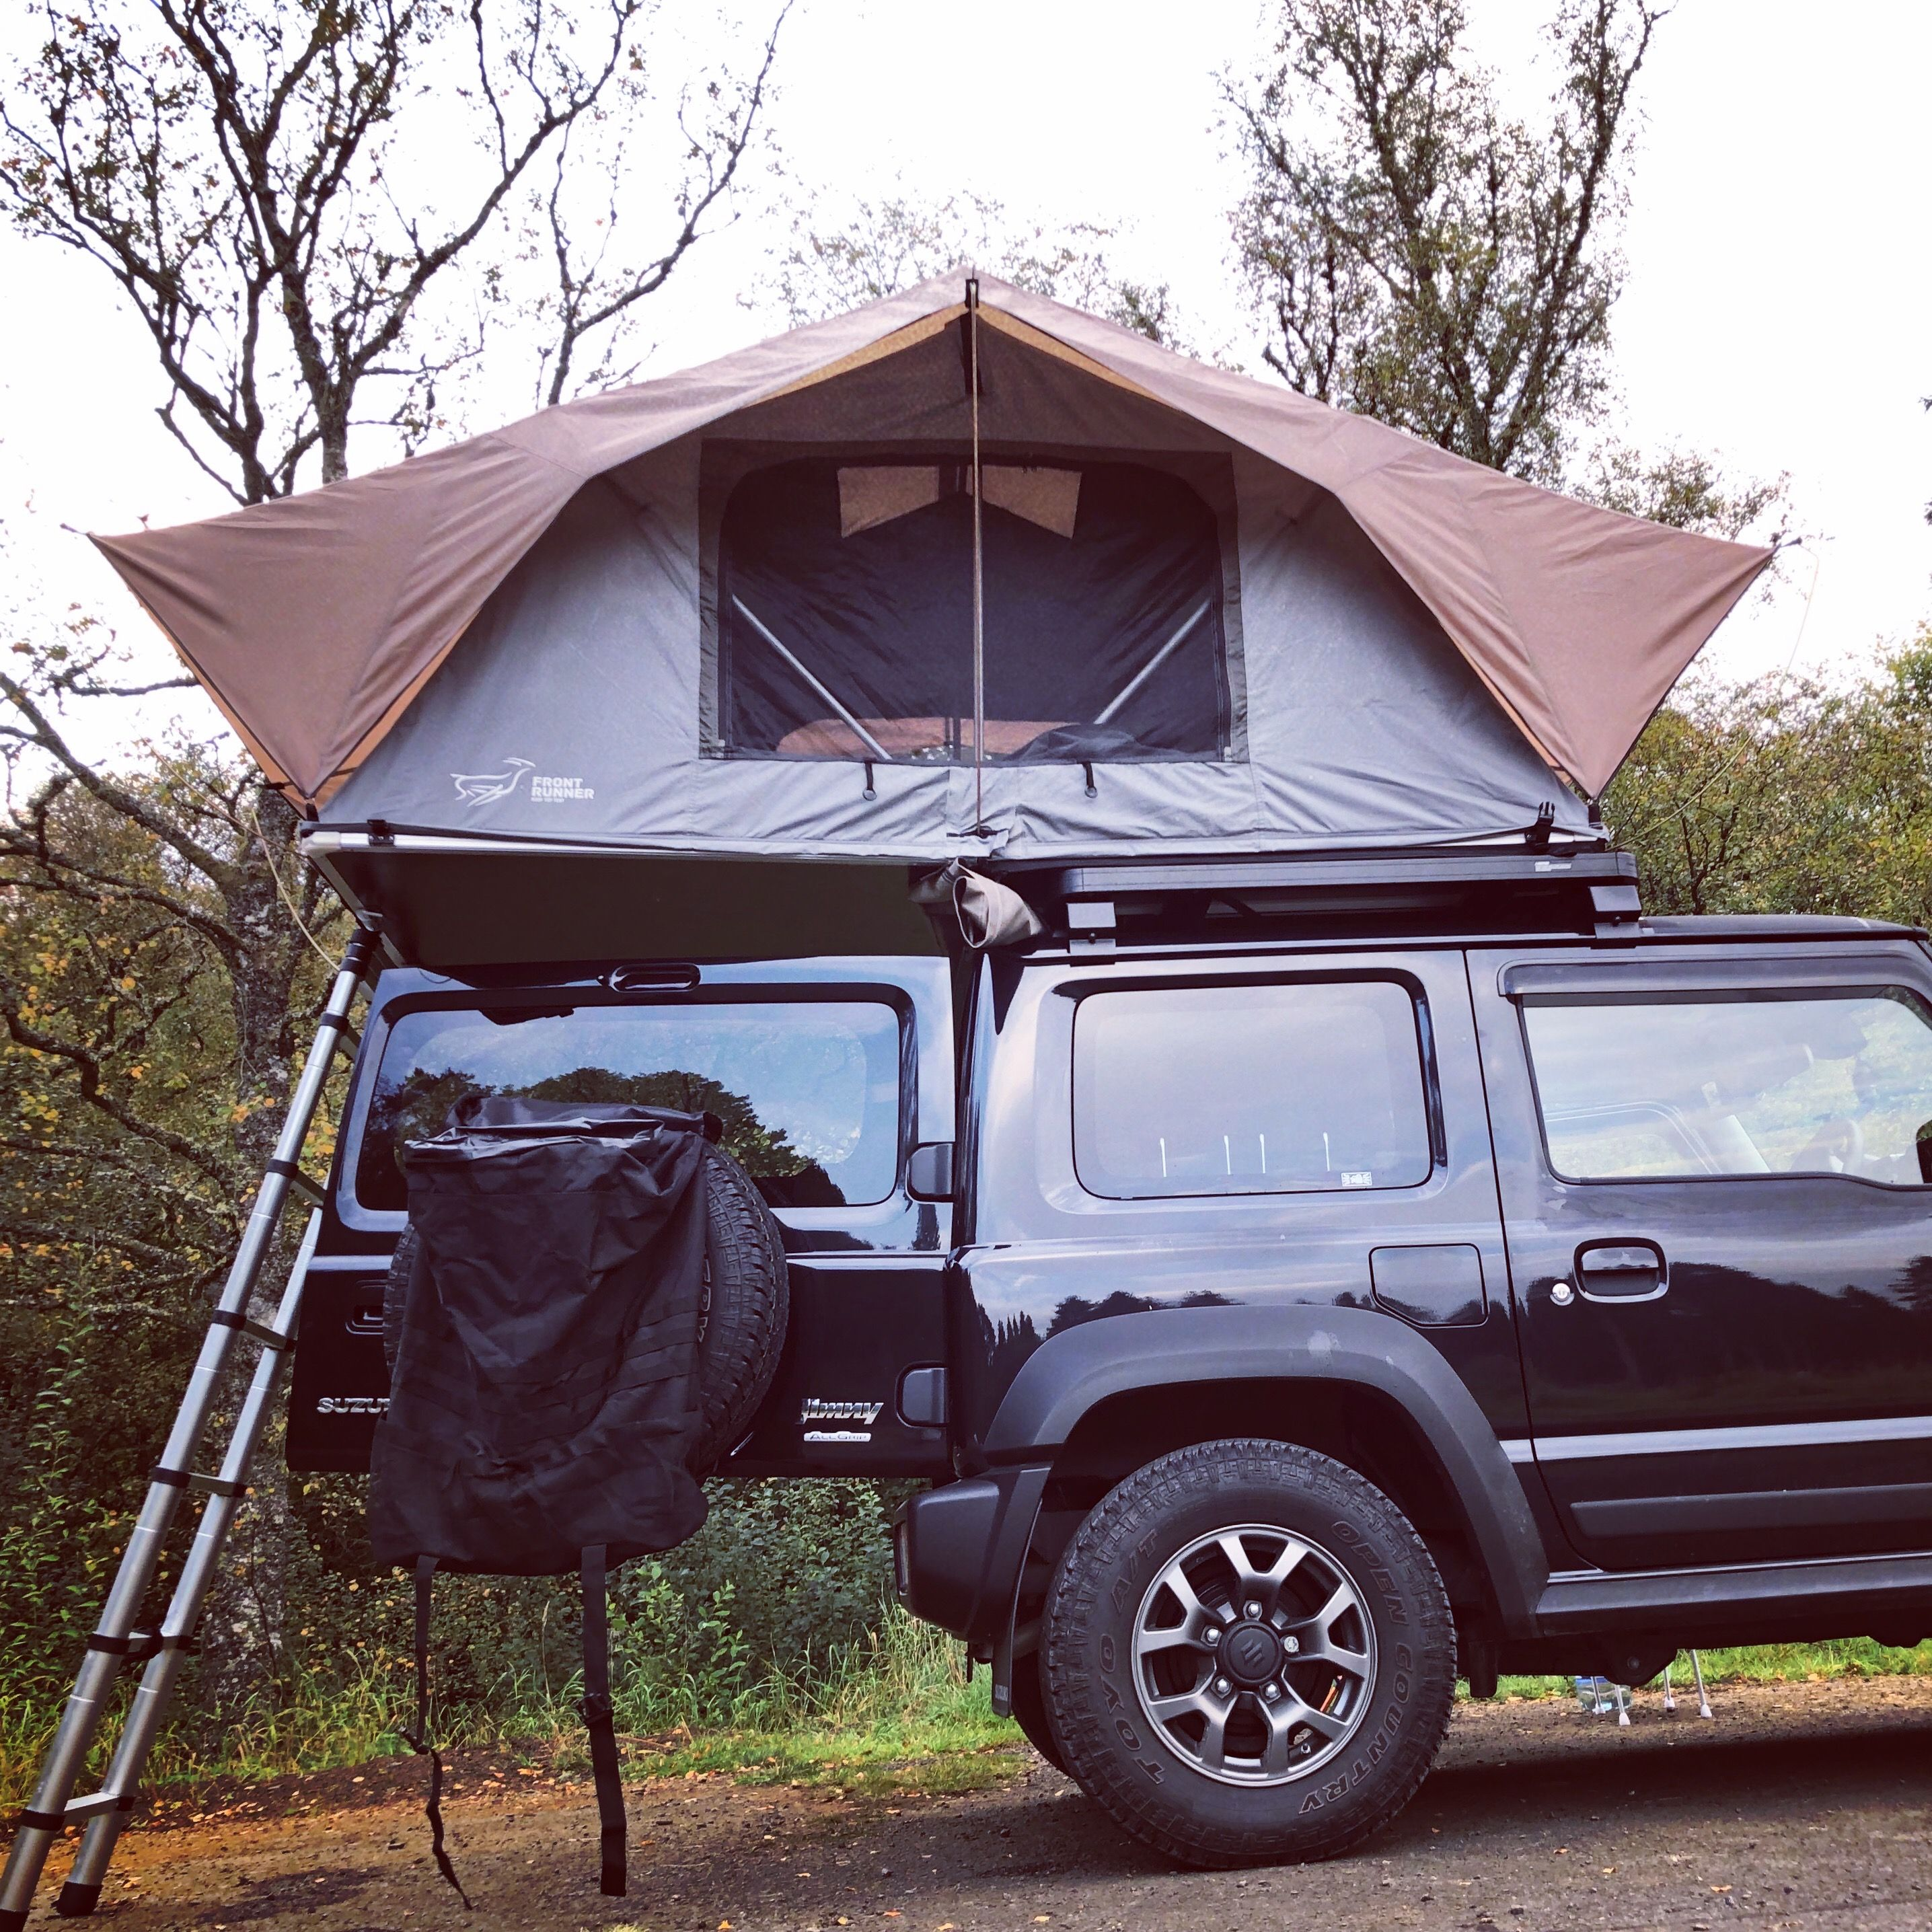 Jimny Roof Tent Roof Tent Suzuki Jimny Suzuki Jimny Off Road